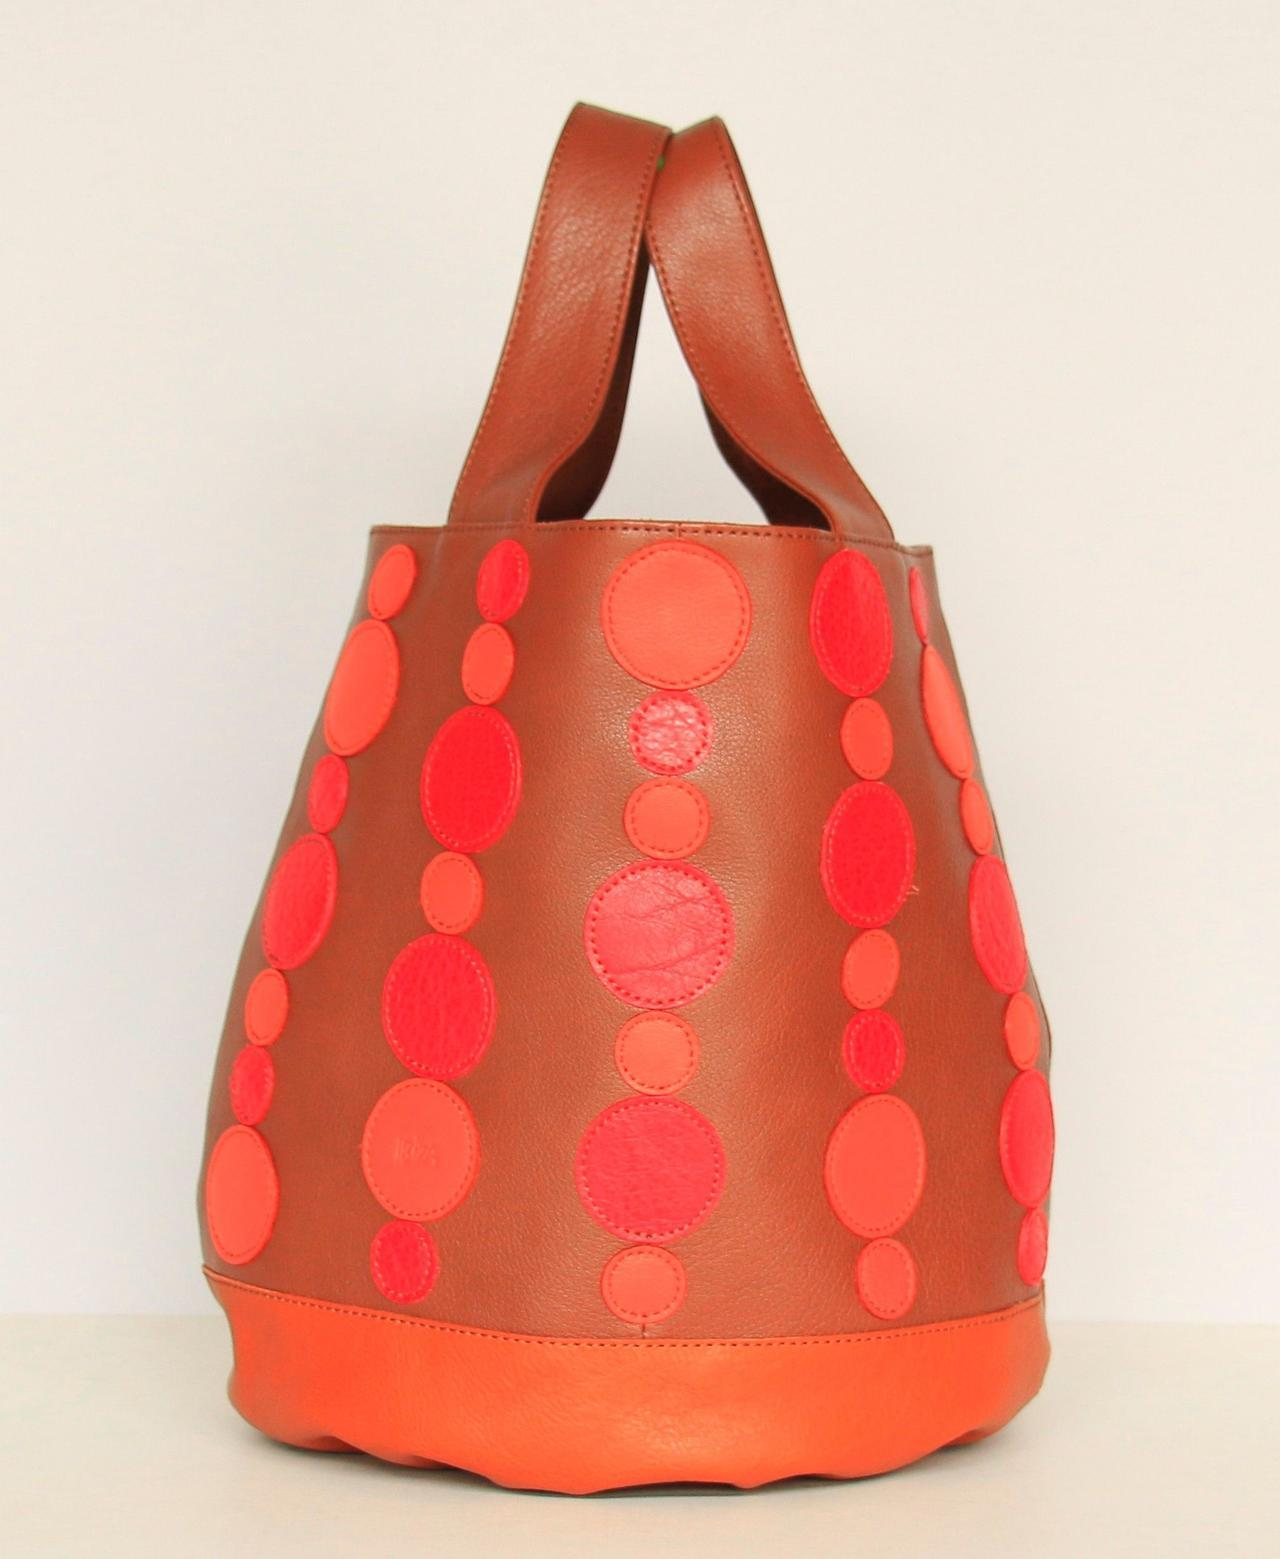 画像: 4「polka dot」 金沢文化服装学院 アパレル造形デザイン科2年 林みはるさん